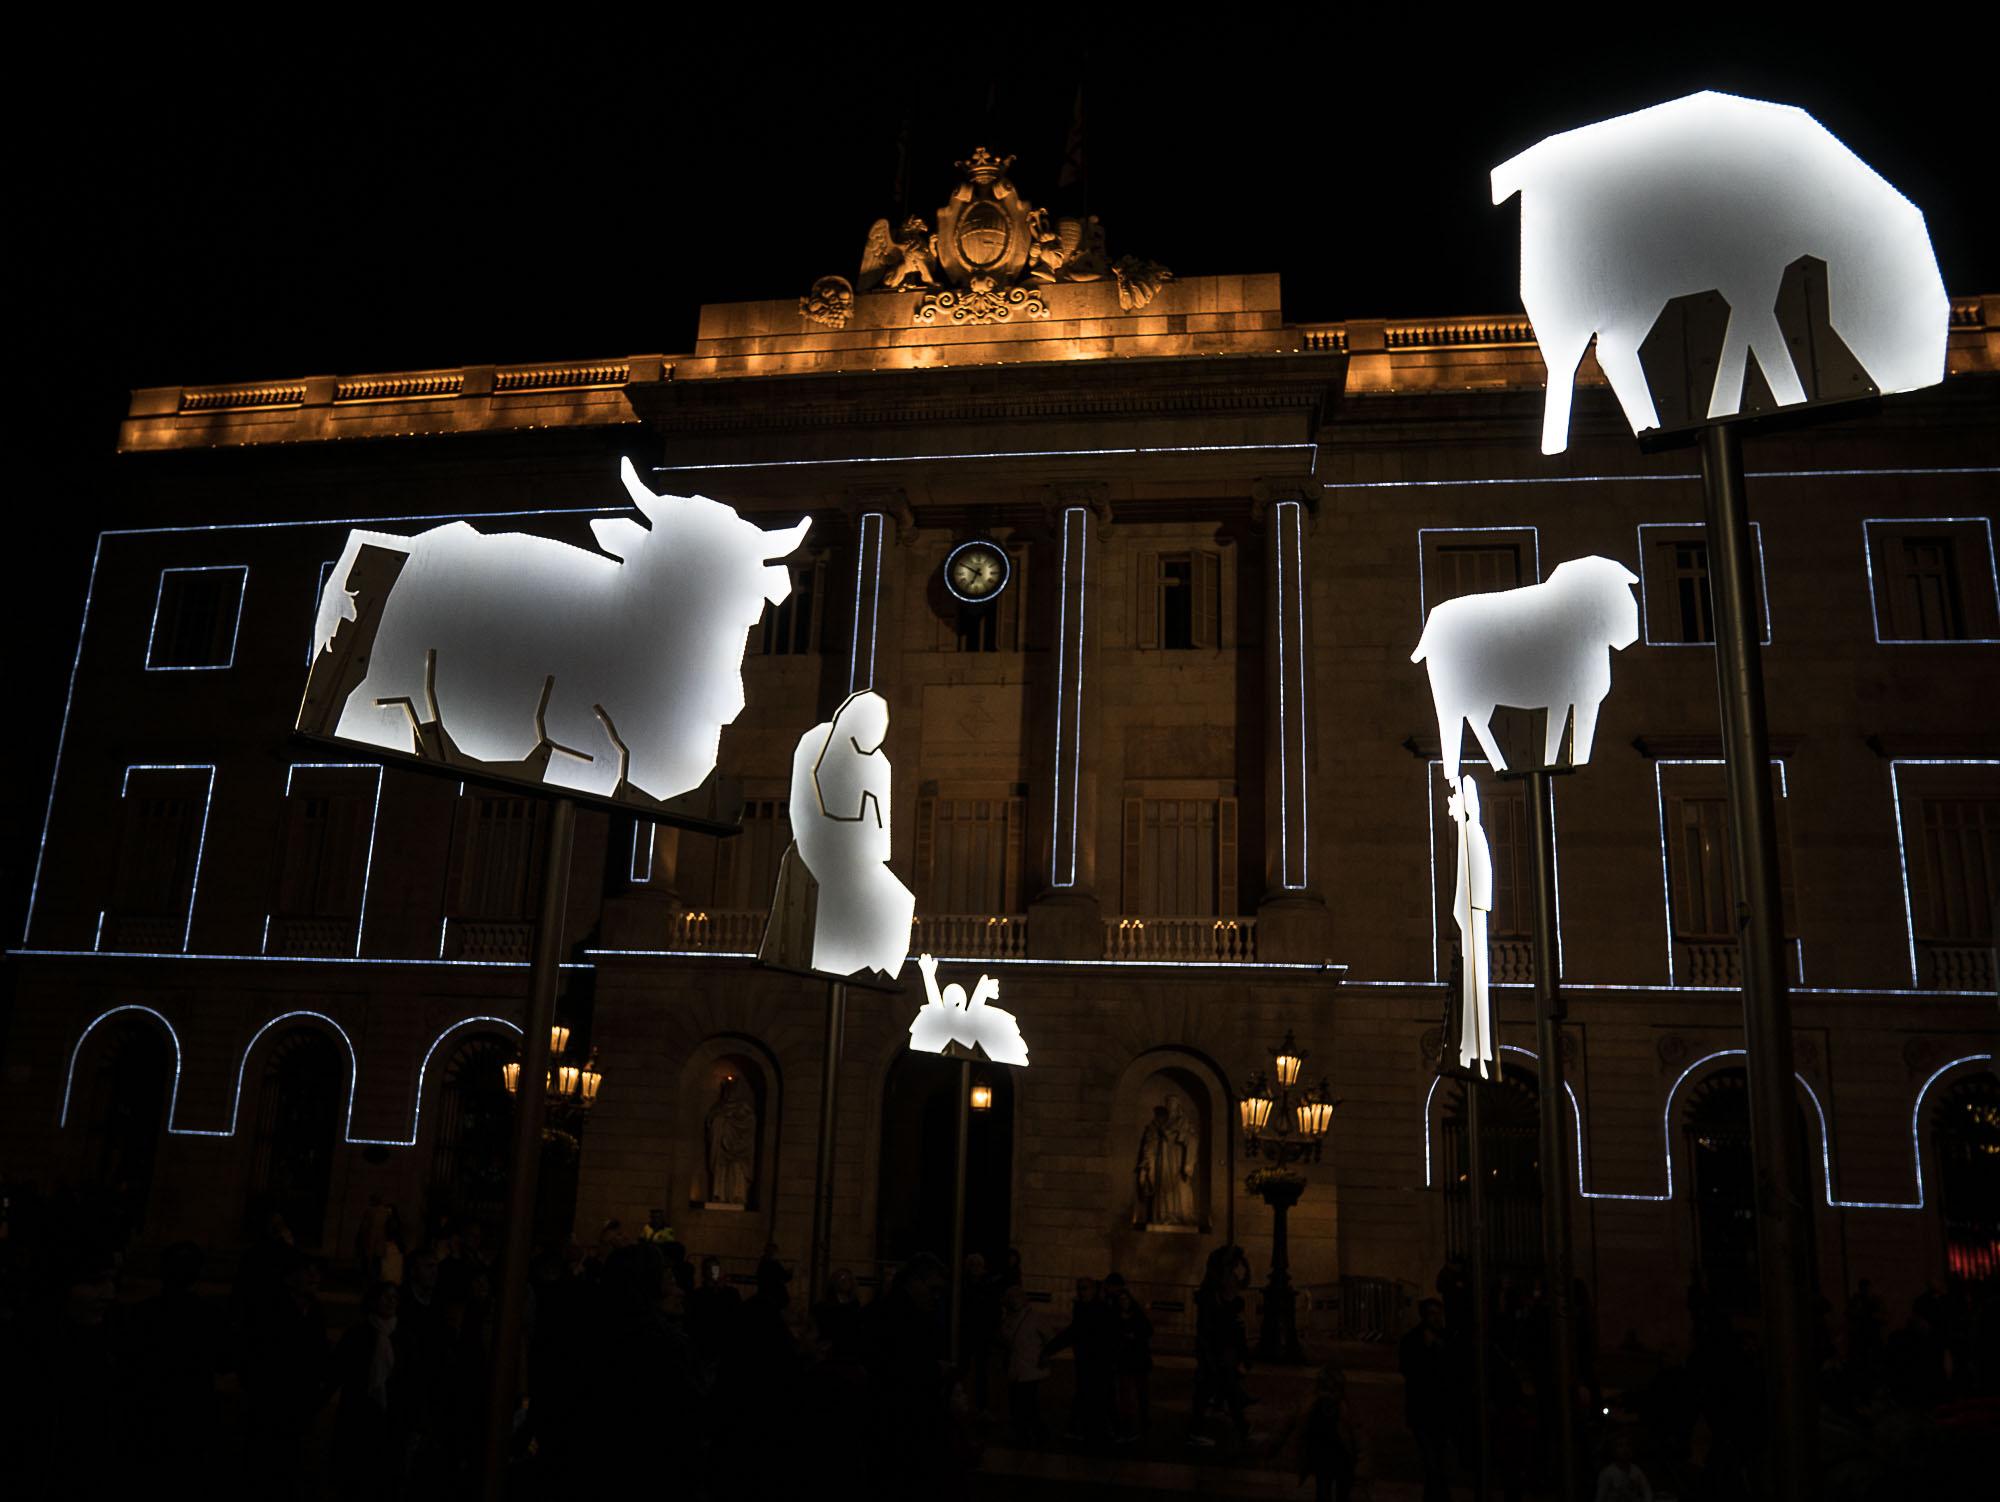 El passebre de Barcelona : la crèche de Noël catalane